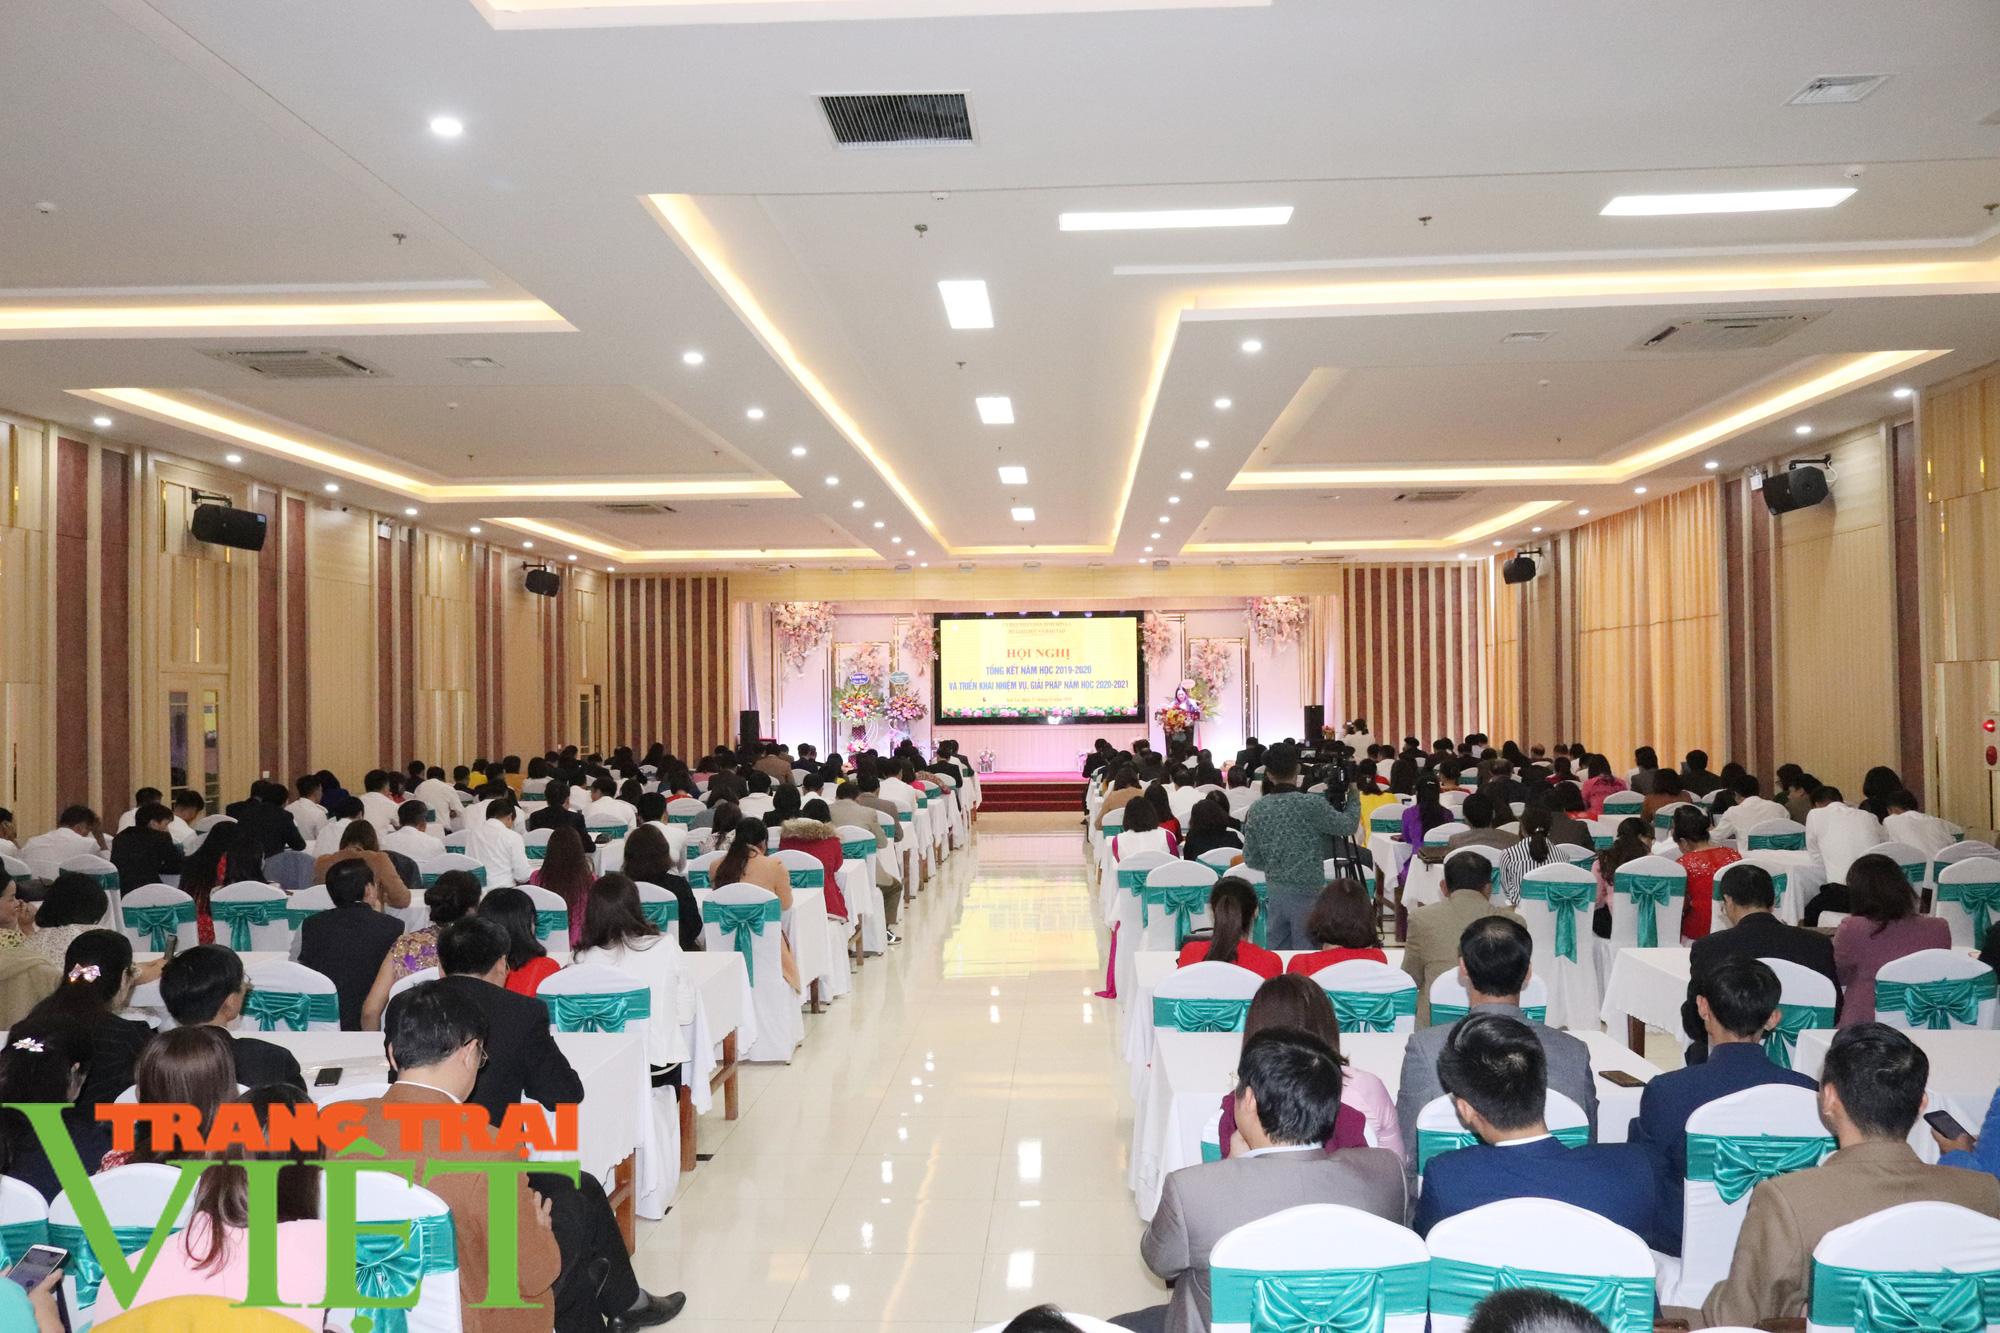 Xây dựng tỉnh Sơn La thành trung tâm giáo dục đào tạo của vùng Tây Bắc - Ảnh 1.